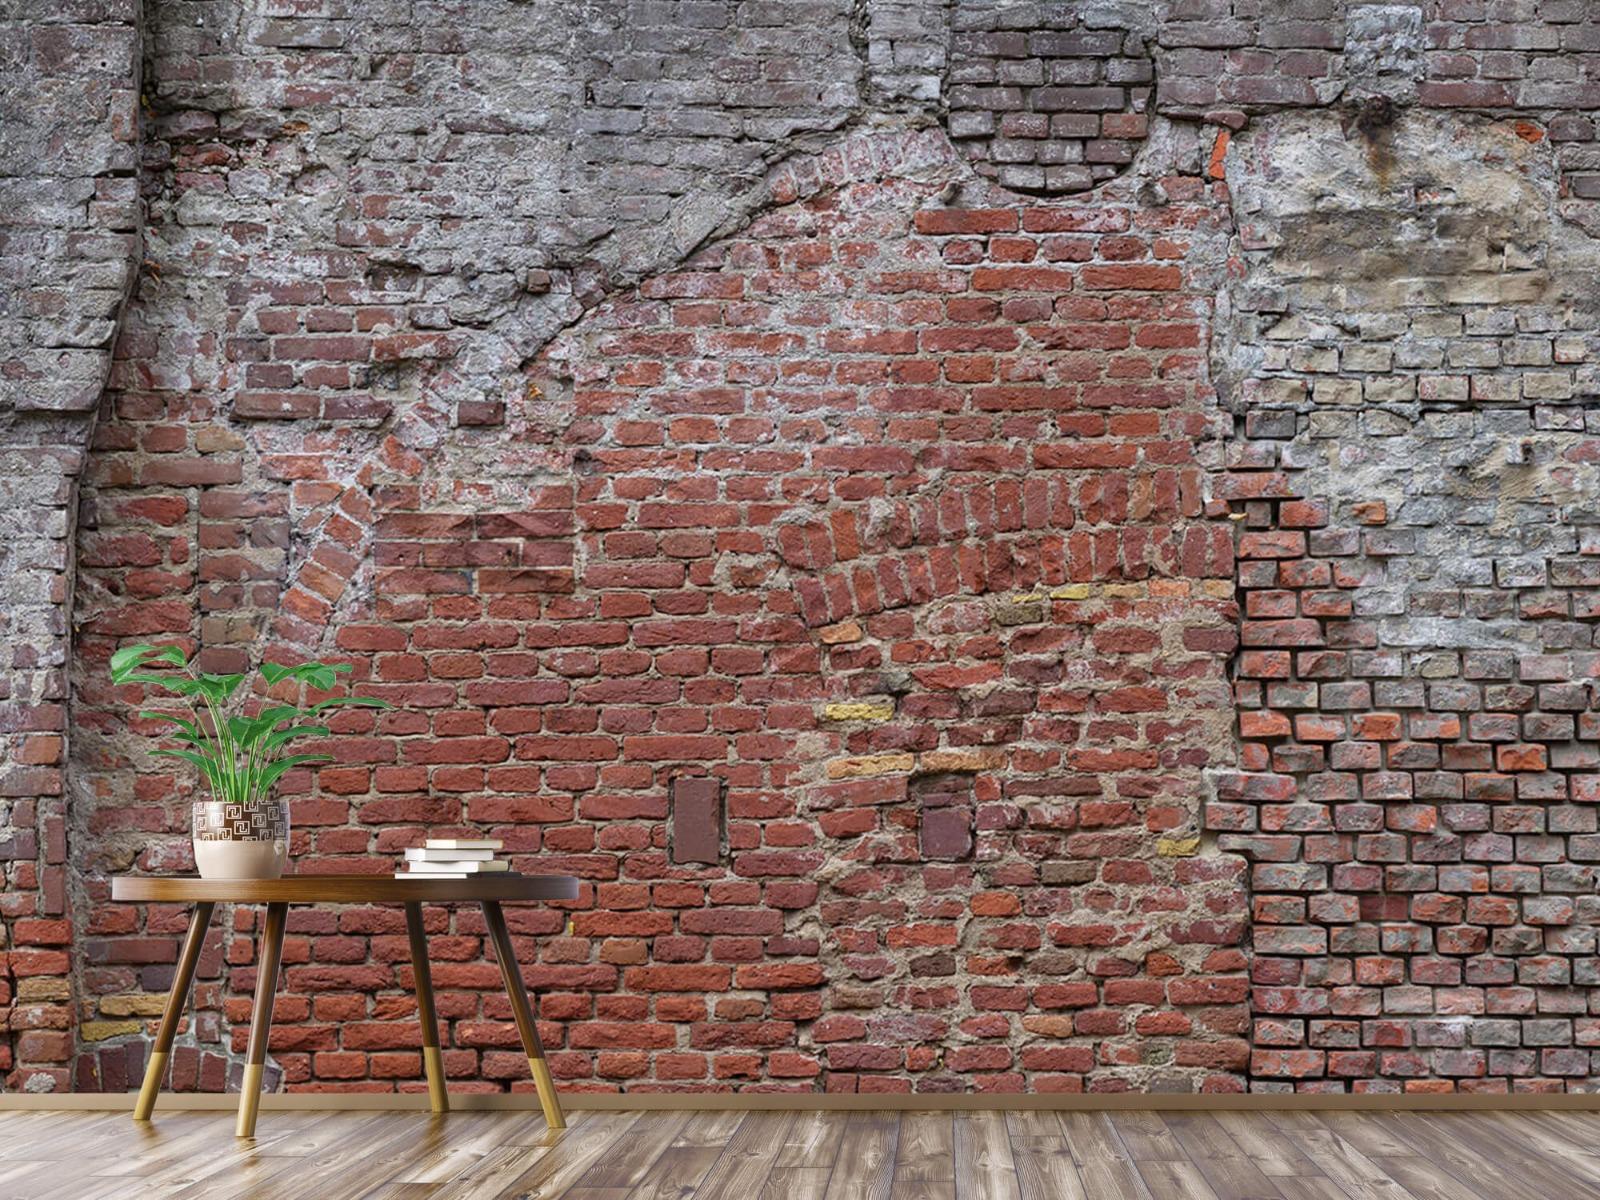 Steen behang - Oude herstelde stadsmuur - Tienerkamer 5